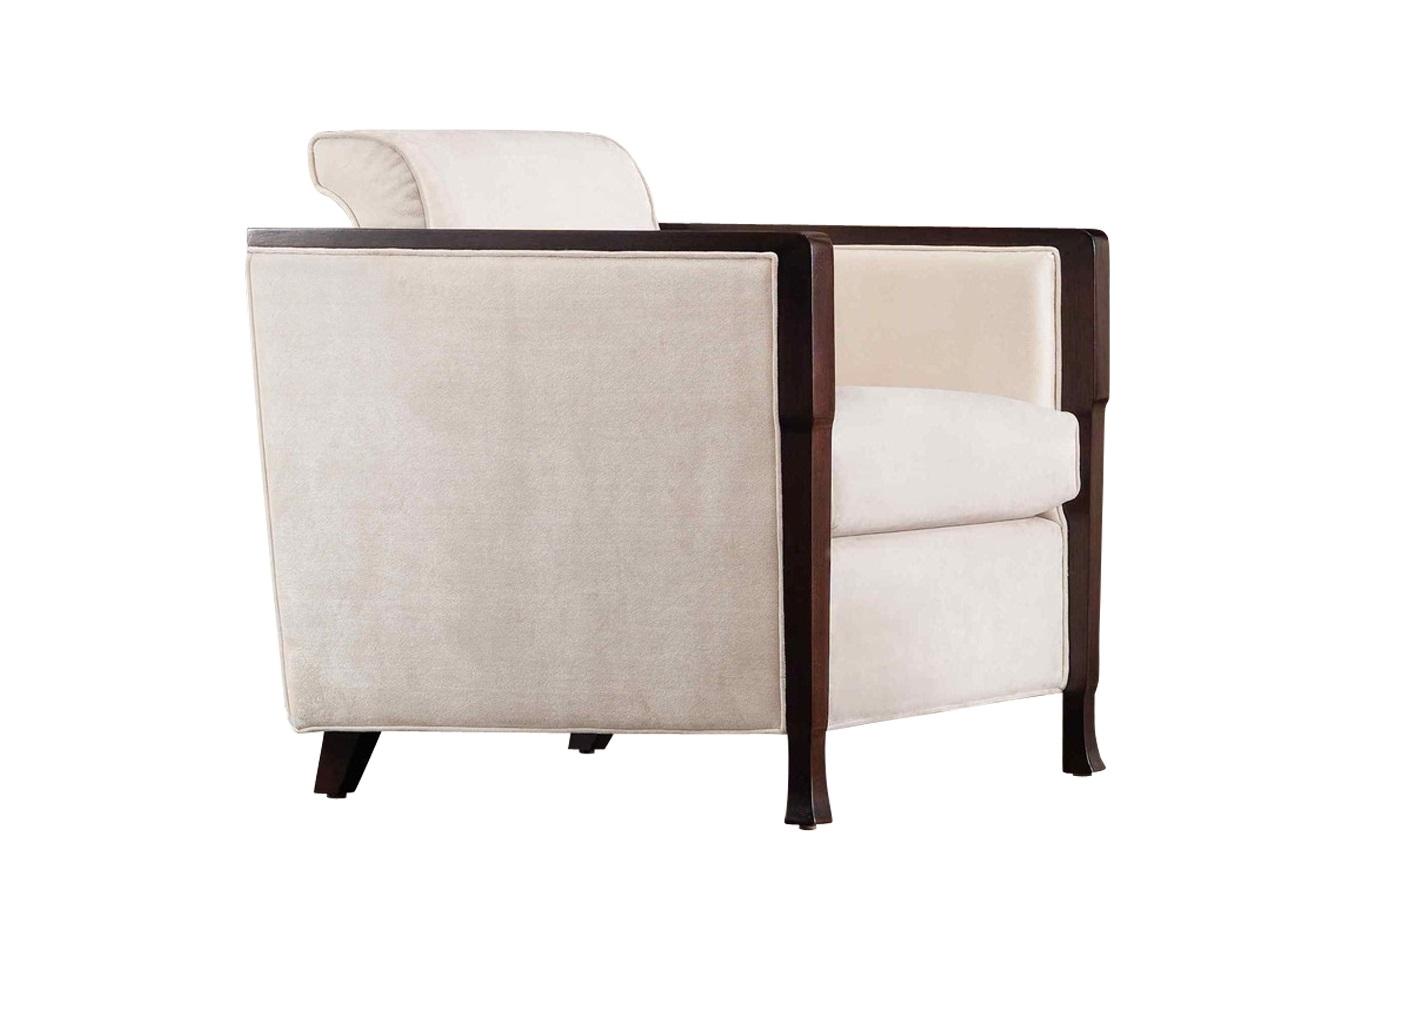 Кресло MESTREИнтерьерные кресла<br>Кресло выполнено в стиле Неоклассика. Обито светло-бежевым велюром. Ножки, фронтальная часть боковинок и подлокотники в отделке шпон махагона. Каркас сделан из массива дерева.<br><br>Material: Текстиль<br>Ширина см: 72<br>Высота см: 76<br>Глубина см: 80